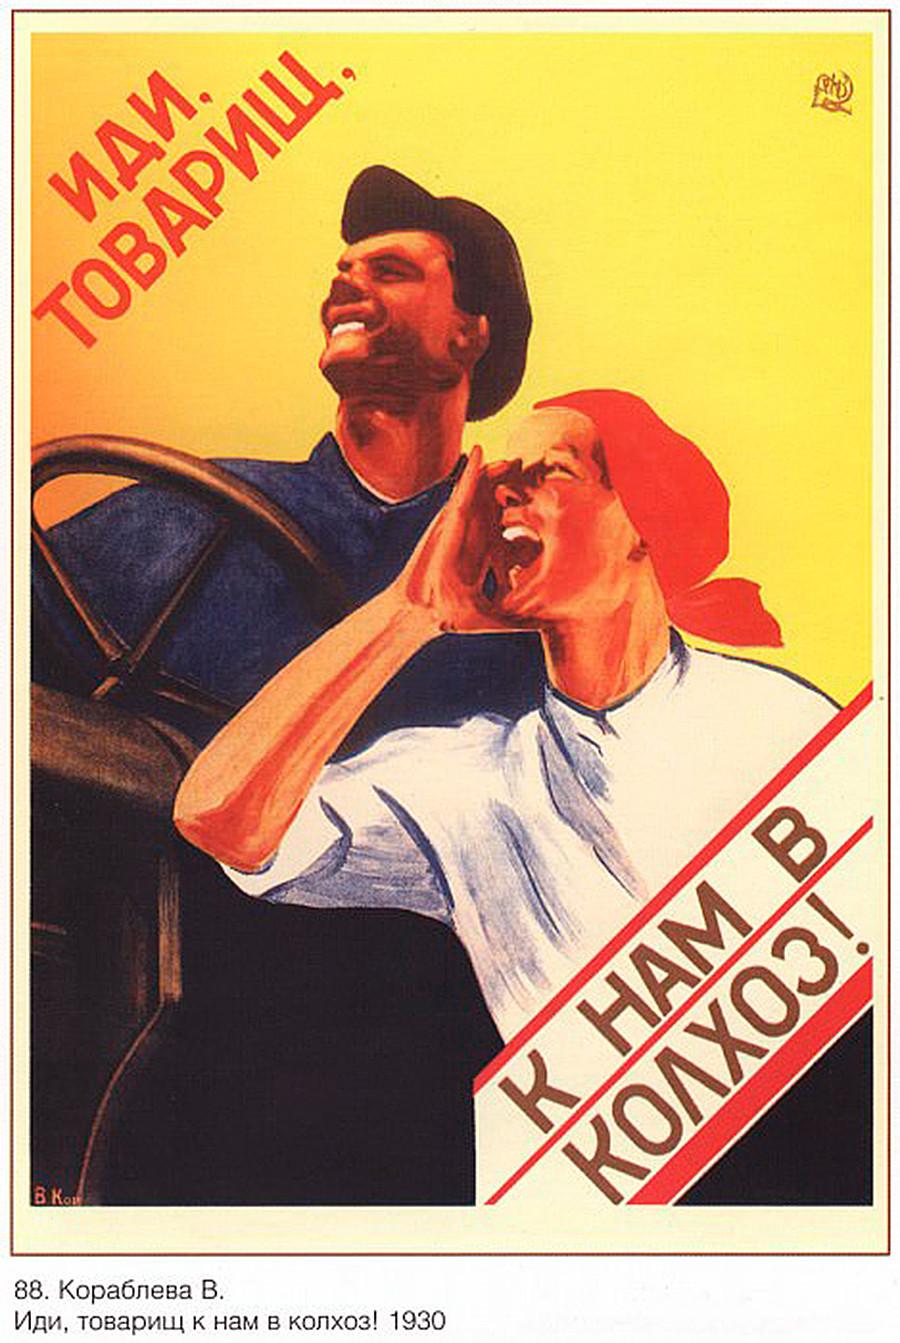 「同志よ、我らのコルホーズに来たれ」